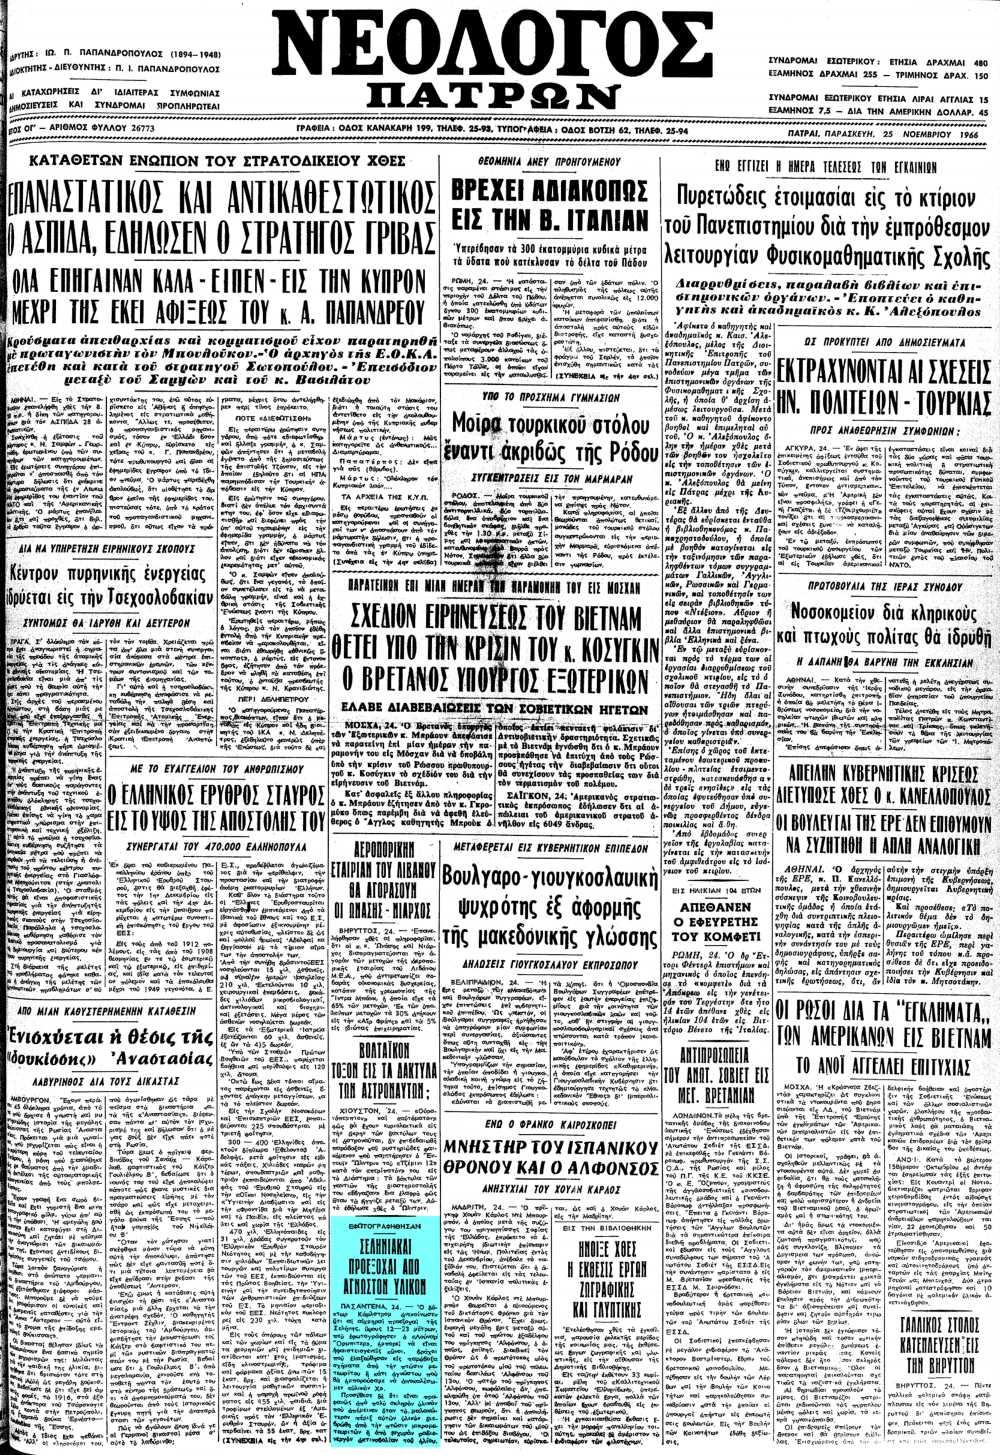 """Το άρθρο, όπως δημοσιεύθηκε στην εφημερίδα """"ΝΕΟΛΟΓΟΣ ΠΑΤΡΩΝ"""", στις 25/11/1966"""